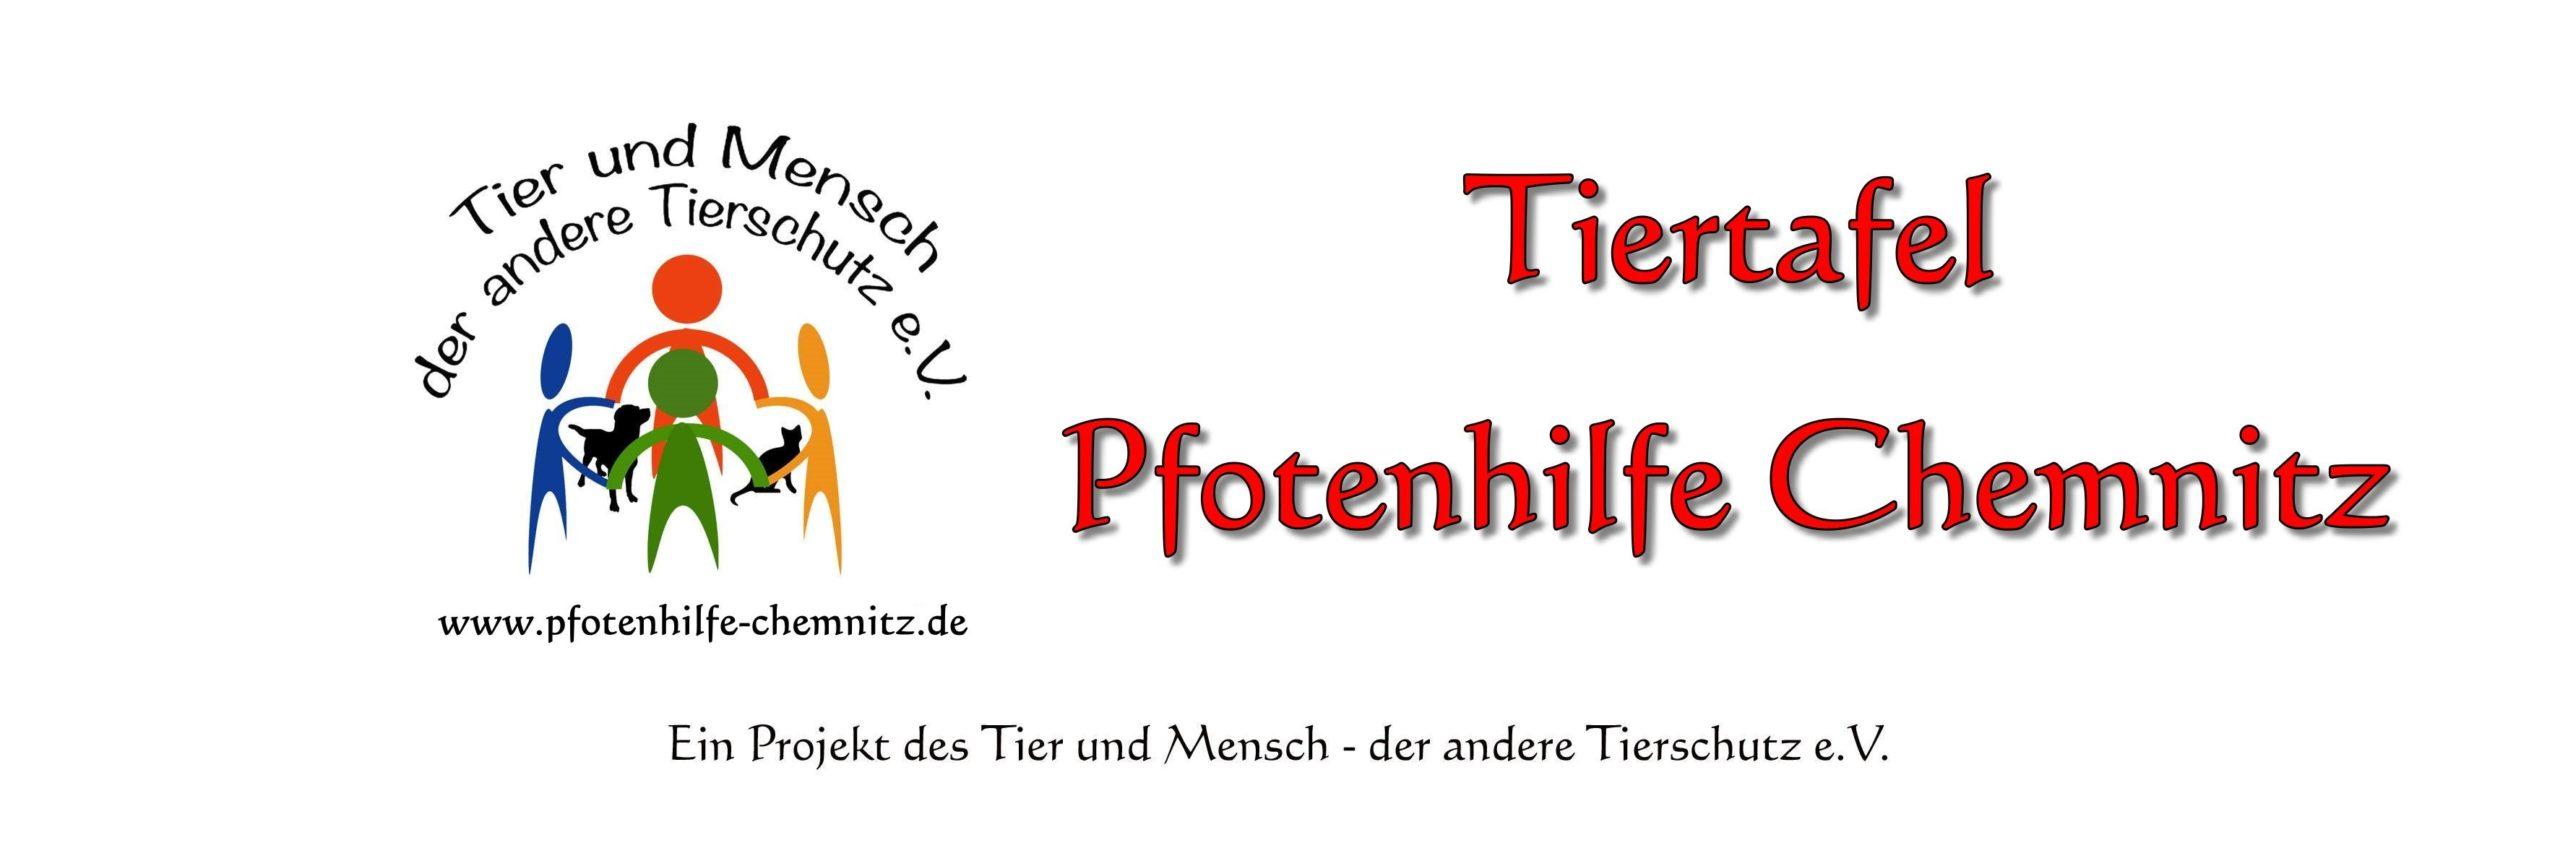 Tiertafel Pfotenhilfe Chemnitz